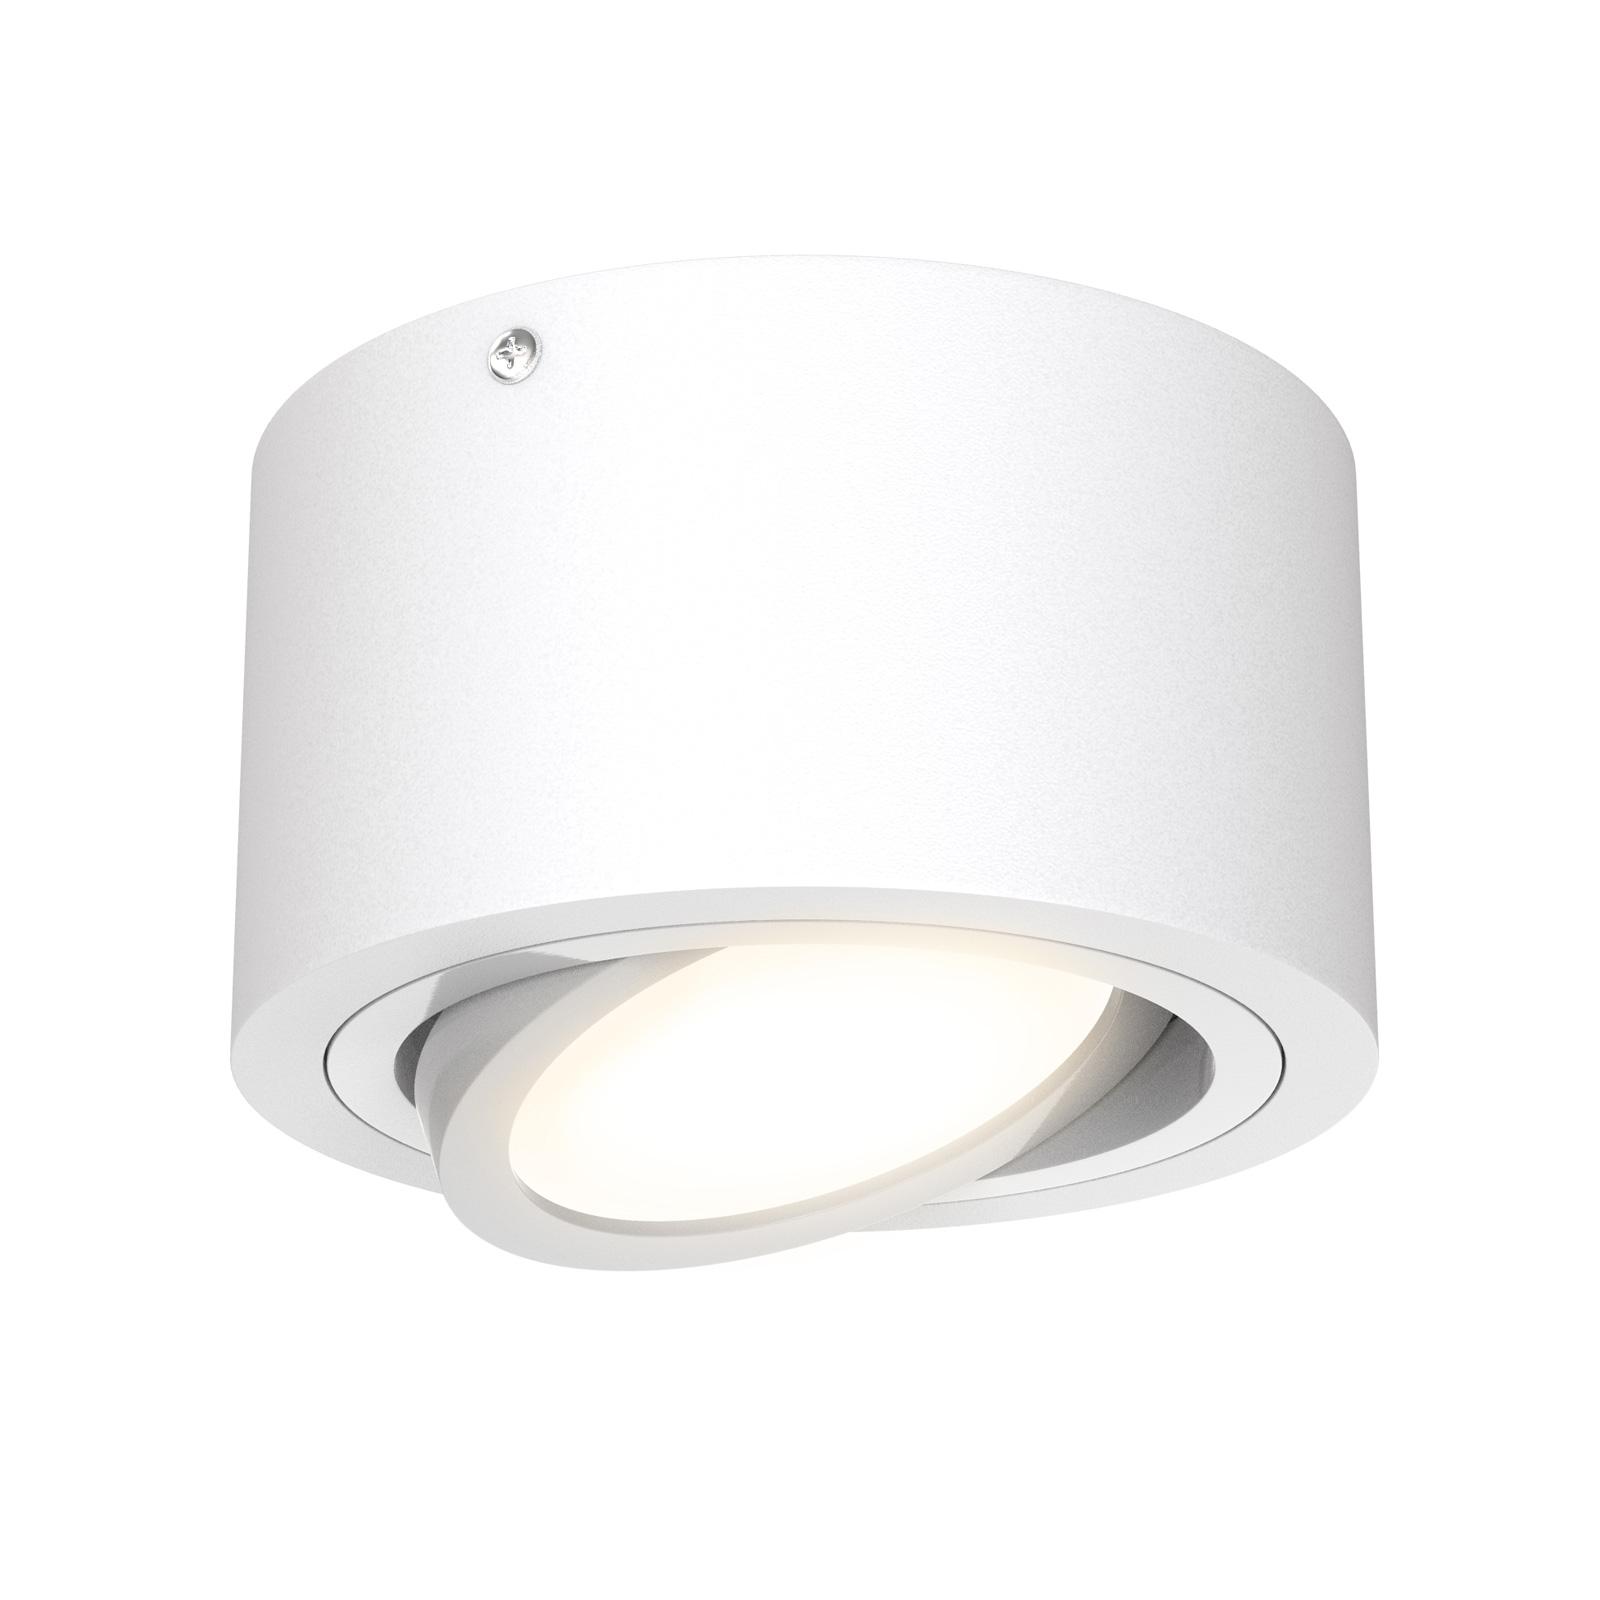 Foco de techo LED 7121-016 en blanco